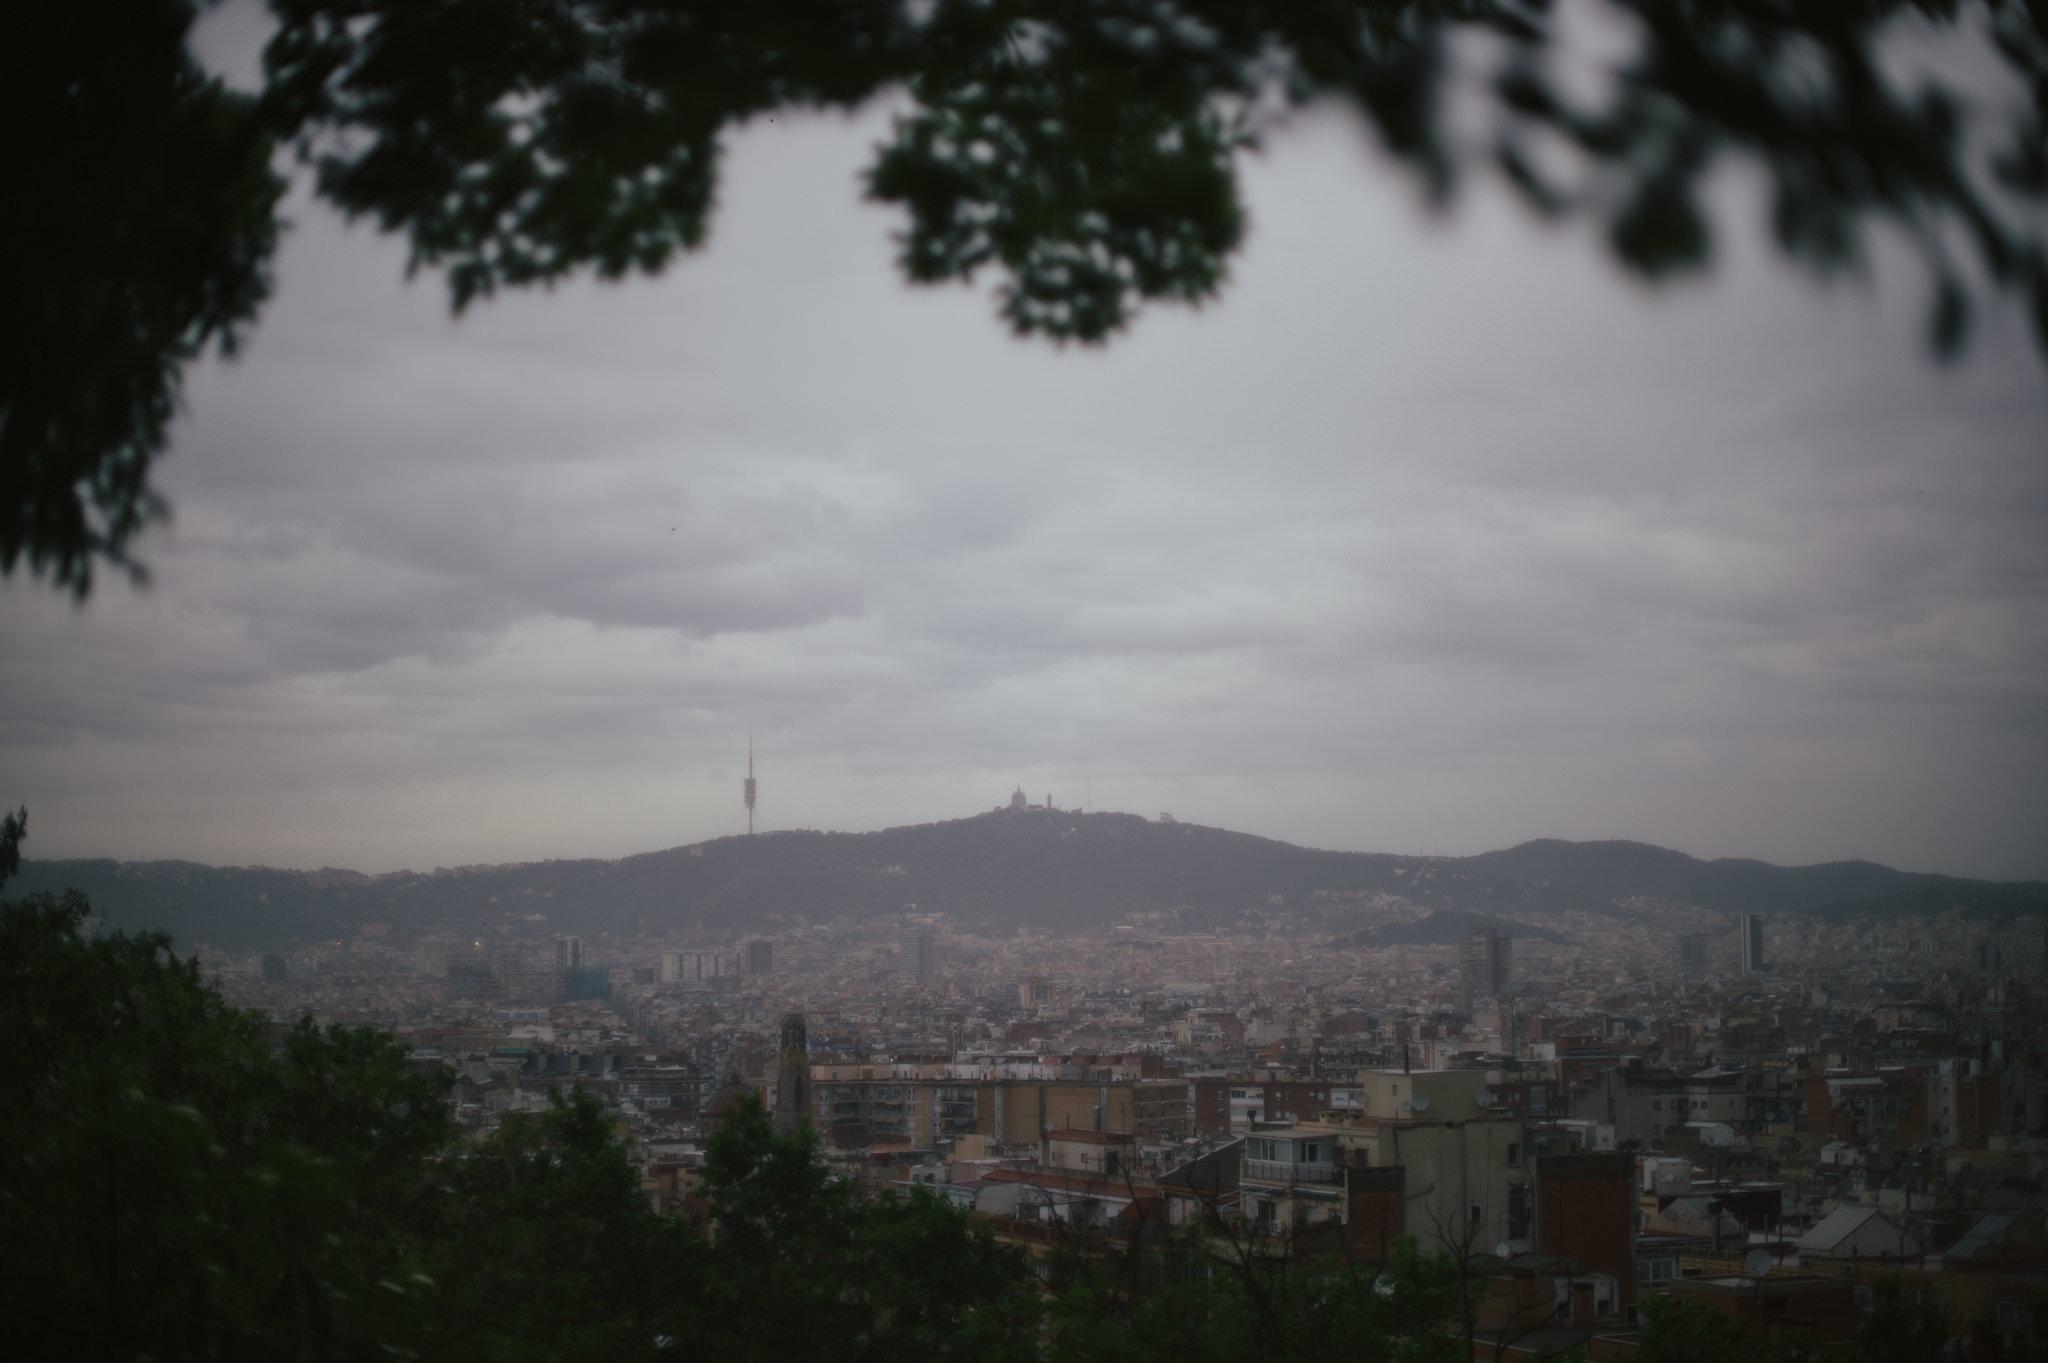 Rainy_Mirador_15